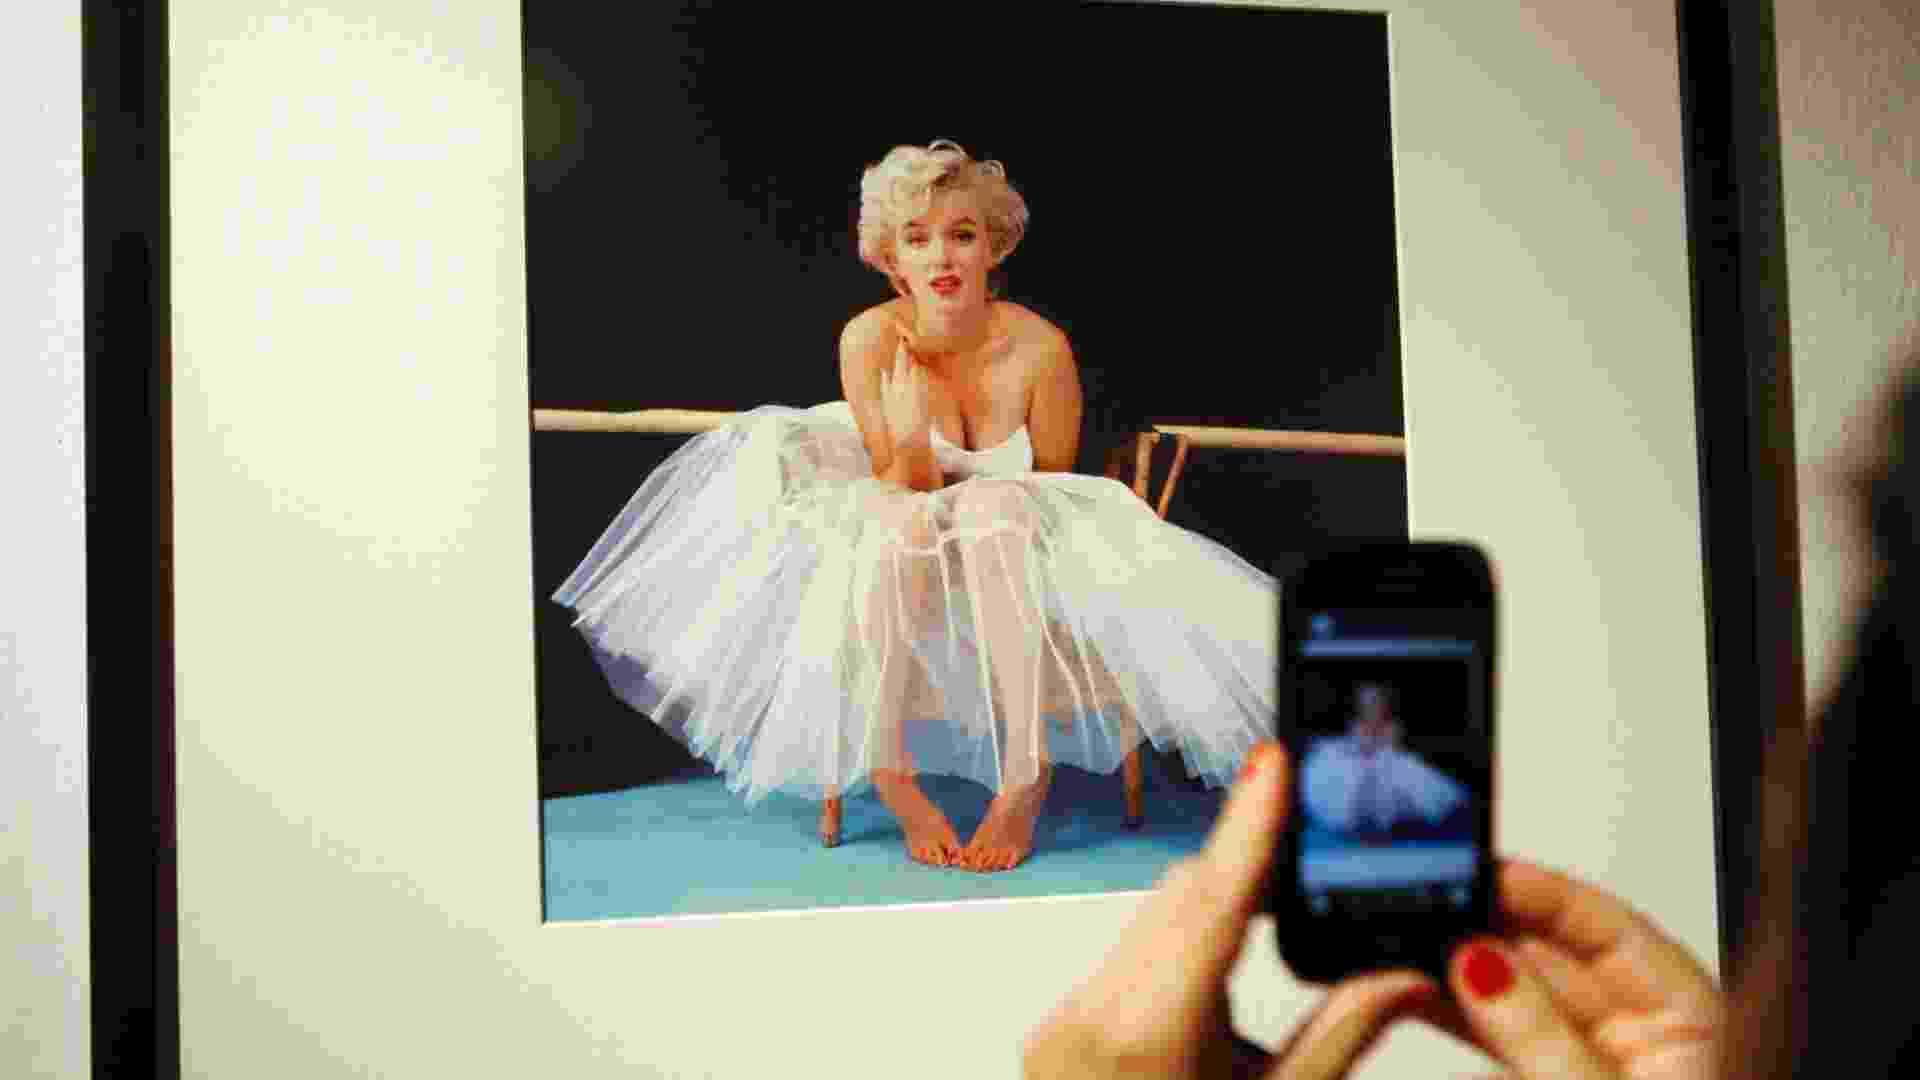 Em homenagem aos 50 anos da morte de Marilyn Monroe, uma galeria de Varsóvia surpreende ao apresentar uma exposição com uma série de imagens inéditas da atriz norte-americana (9/8/12) - Kacper Pempel/Reuters